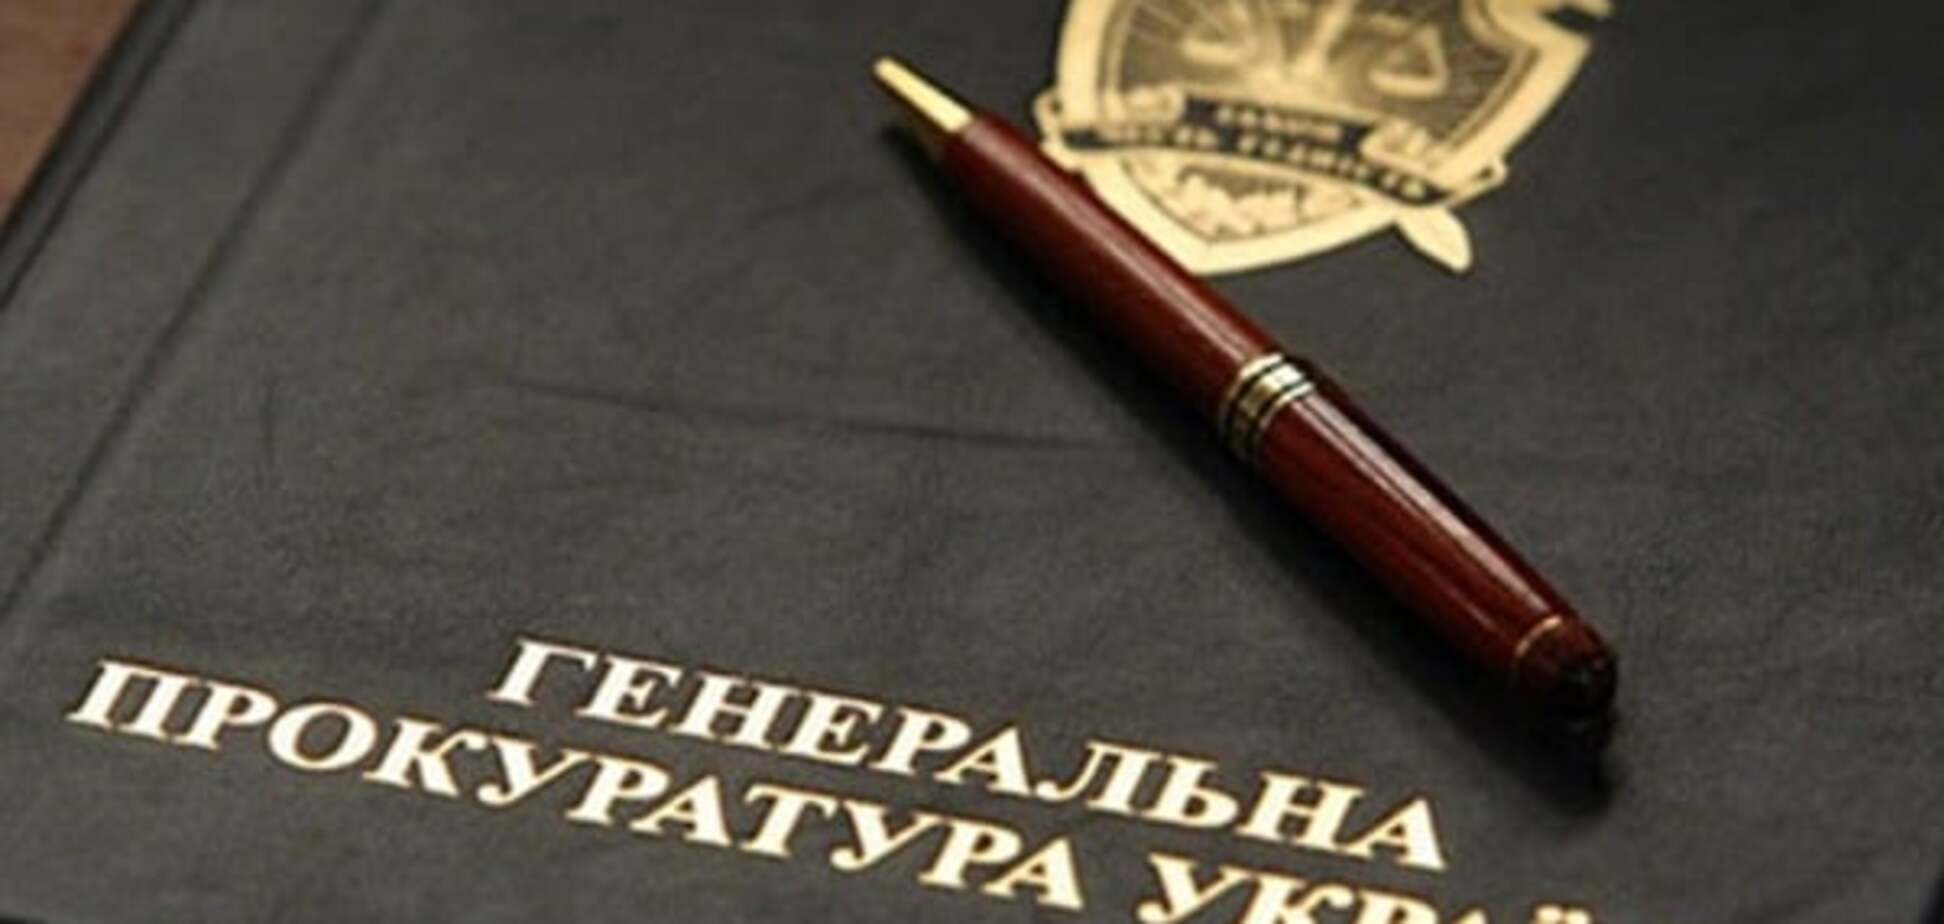 ГПУ перевірить законність виділення службового житла прокурорам